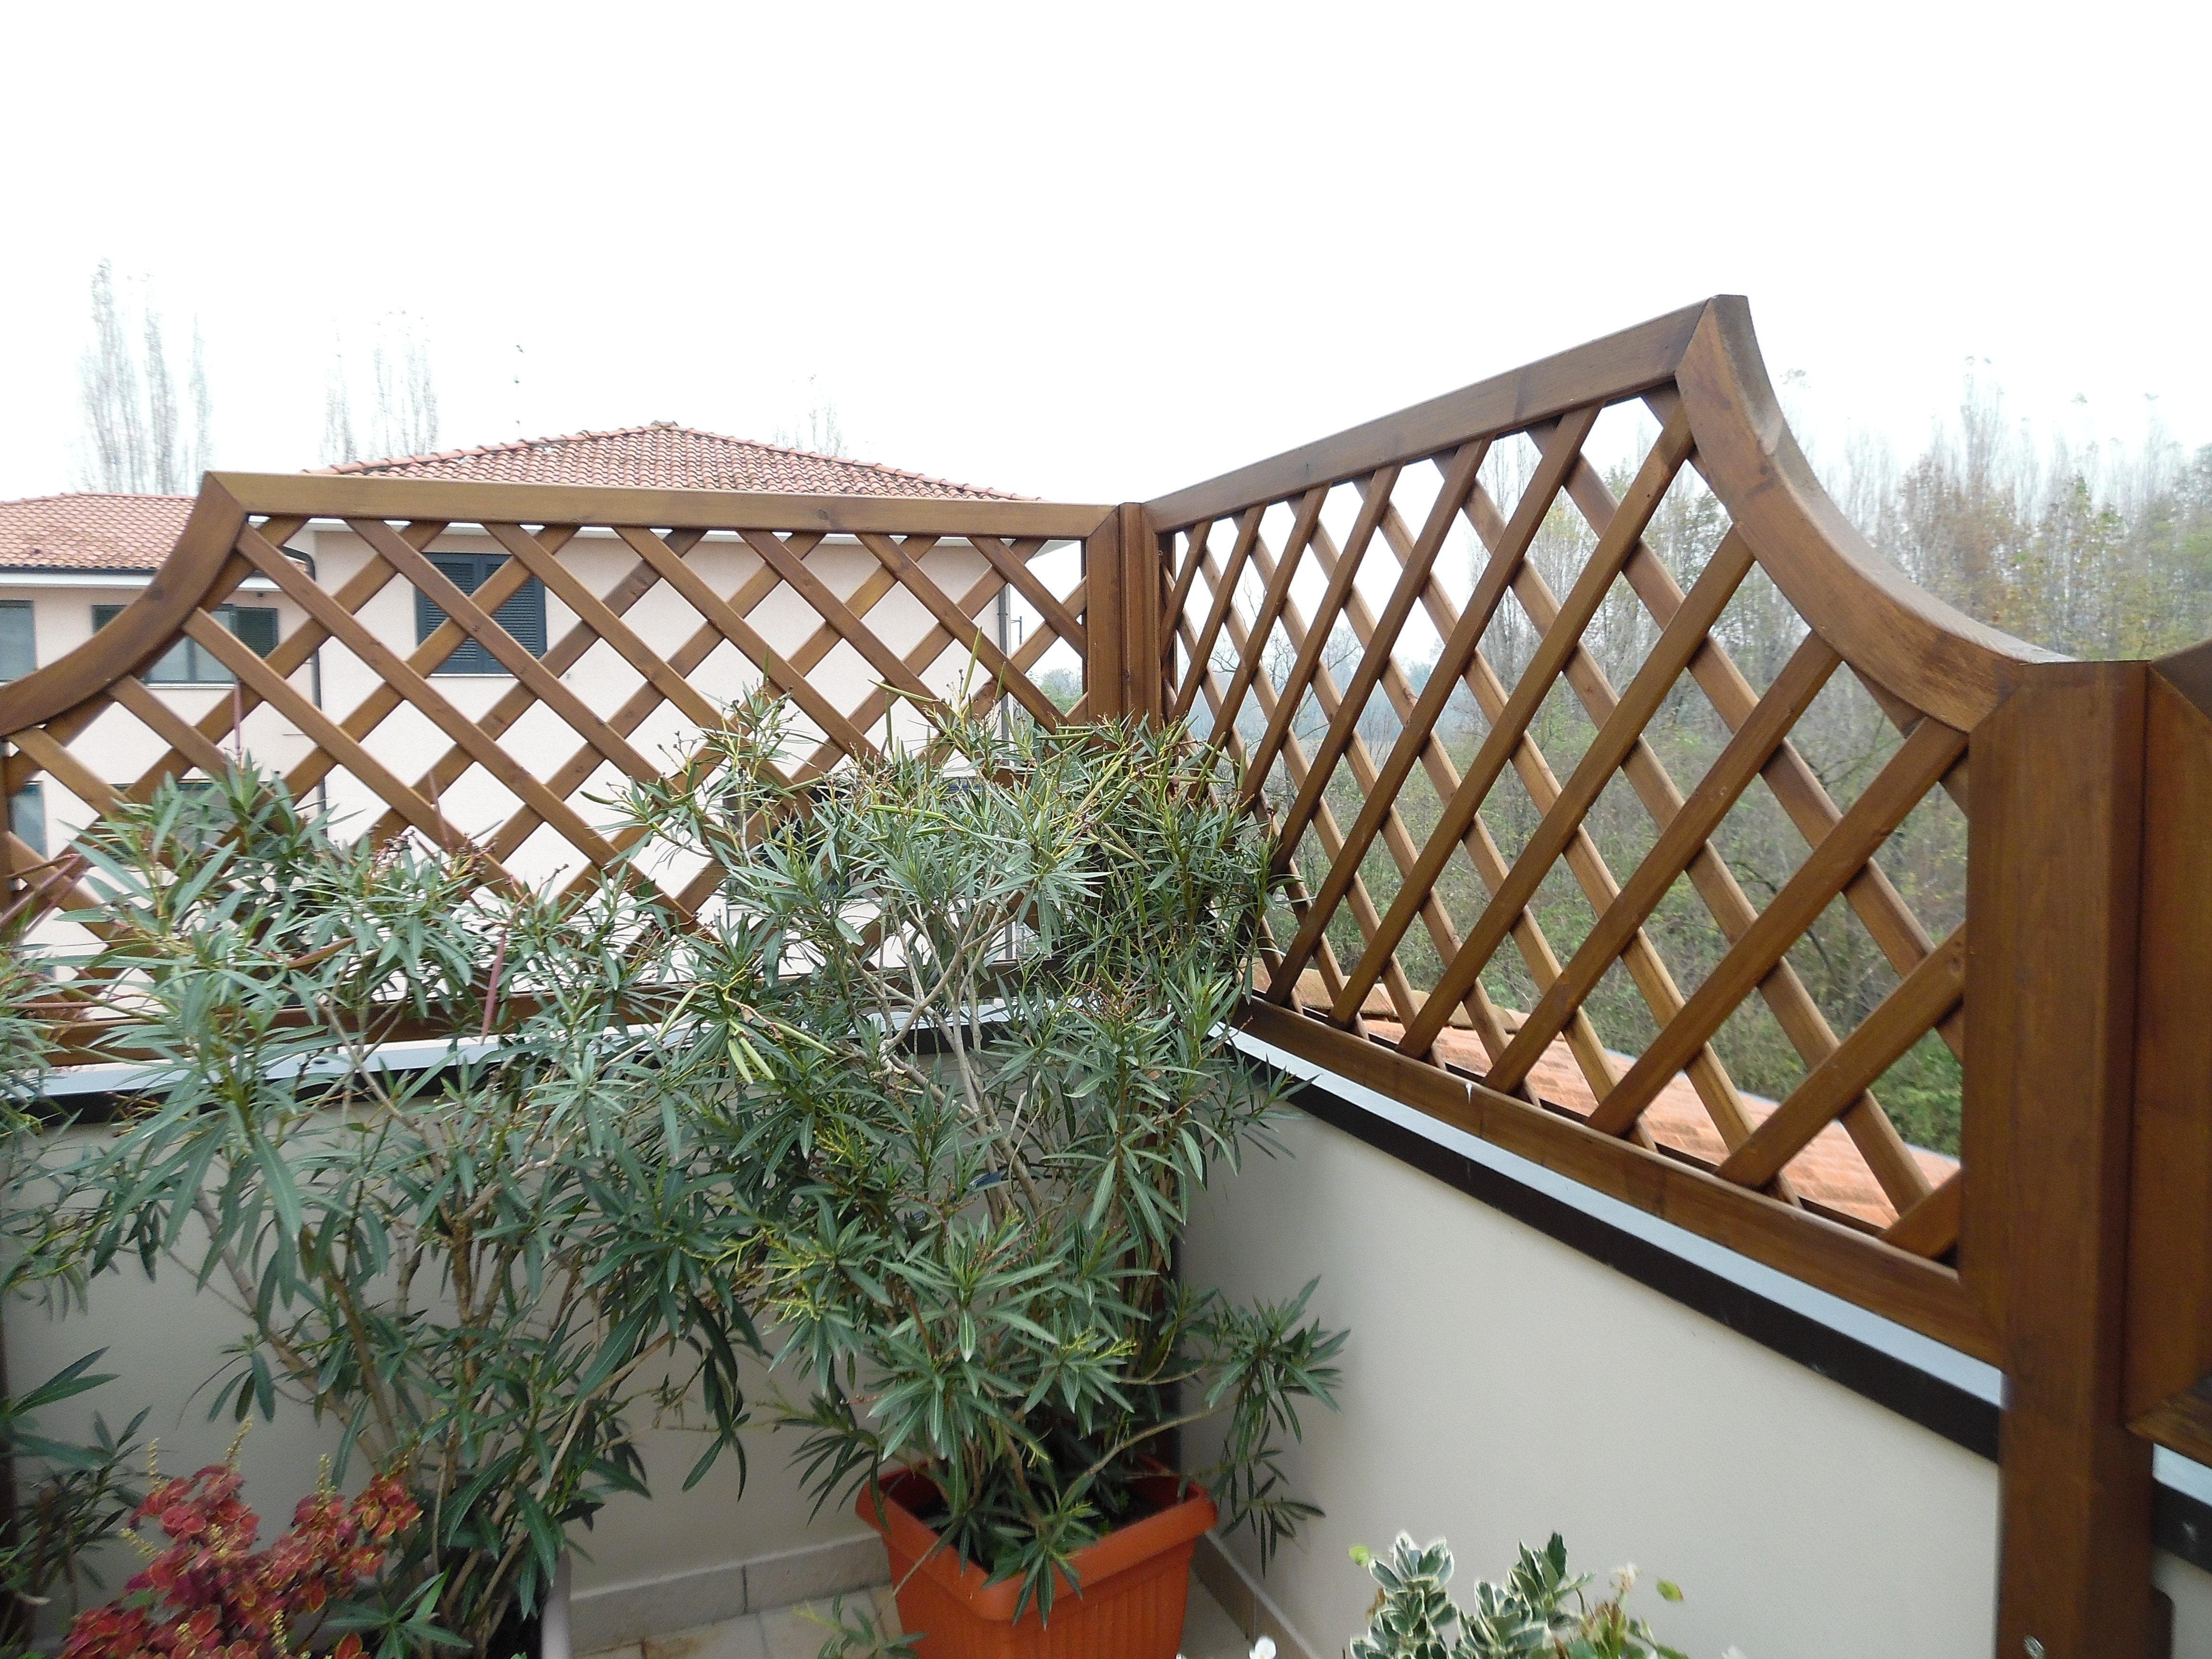 Griglie in legno e fioriere di grandi dimensioni in legno for Grate in legno per balconi